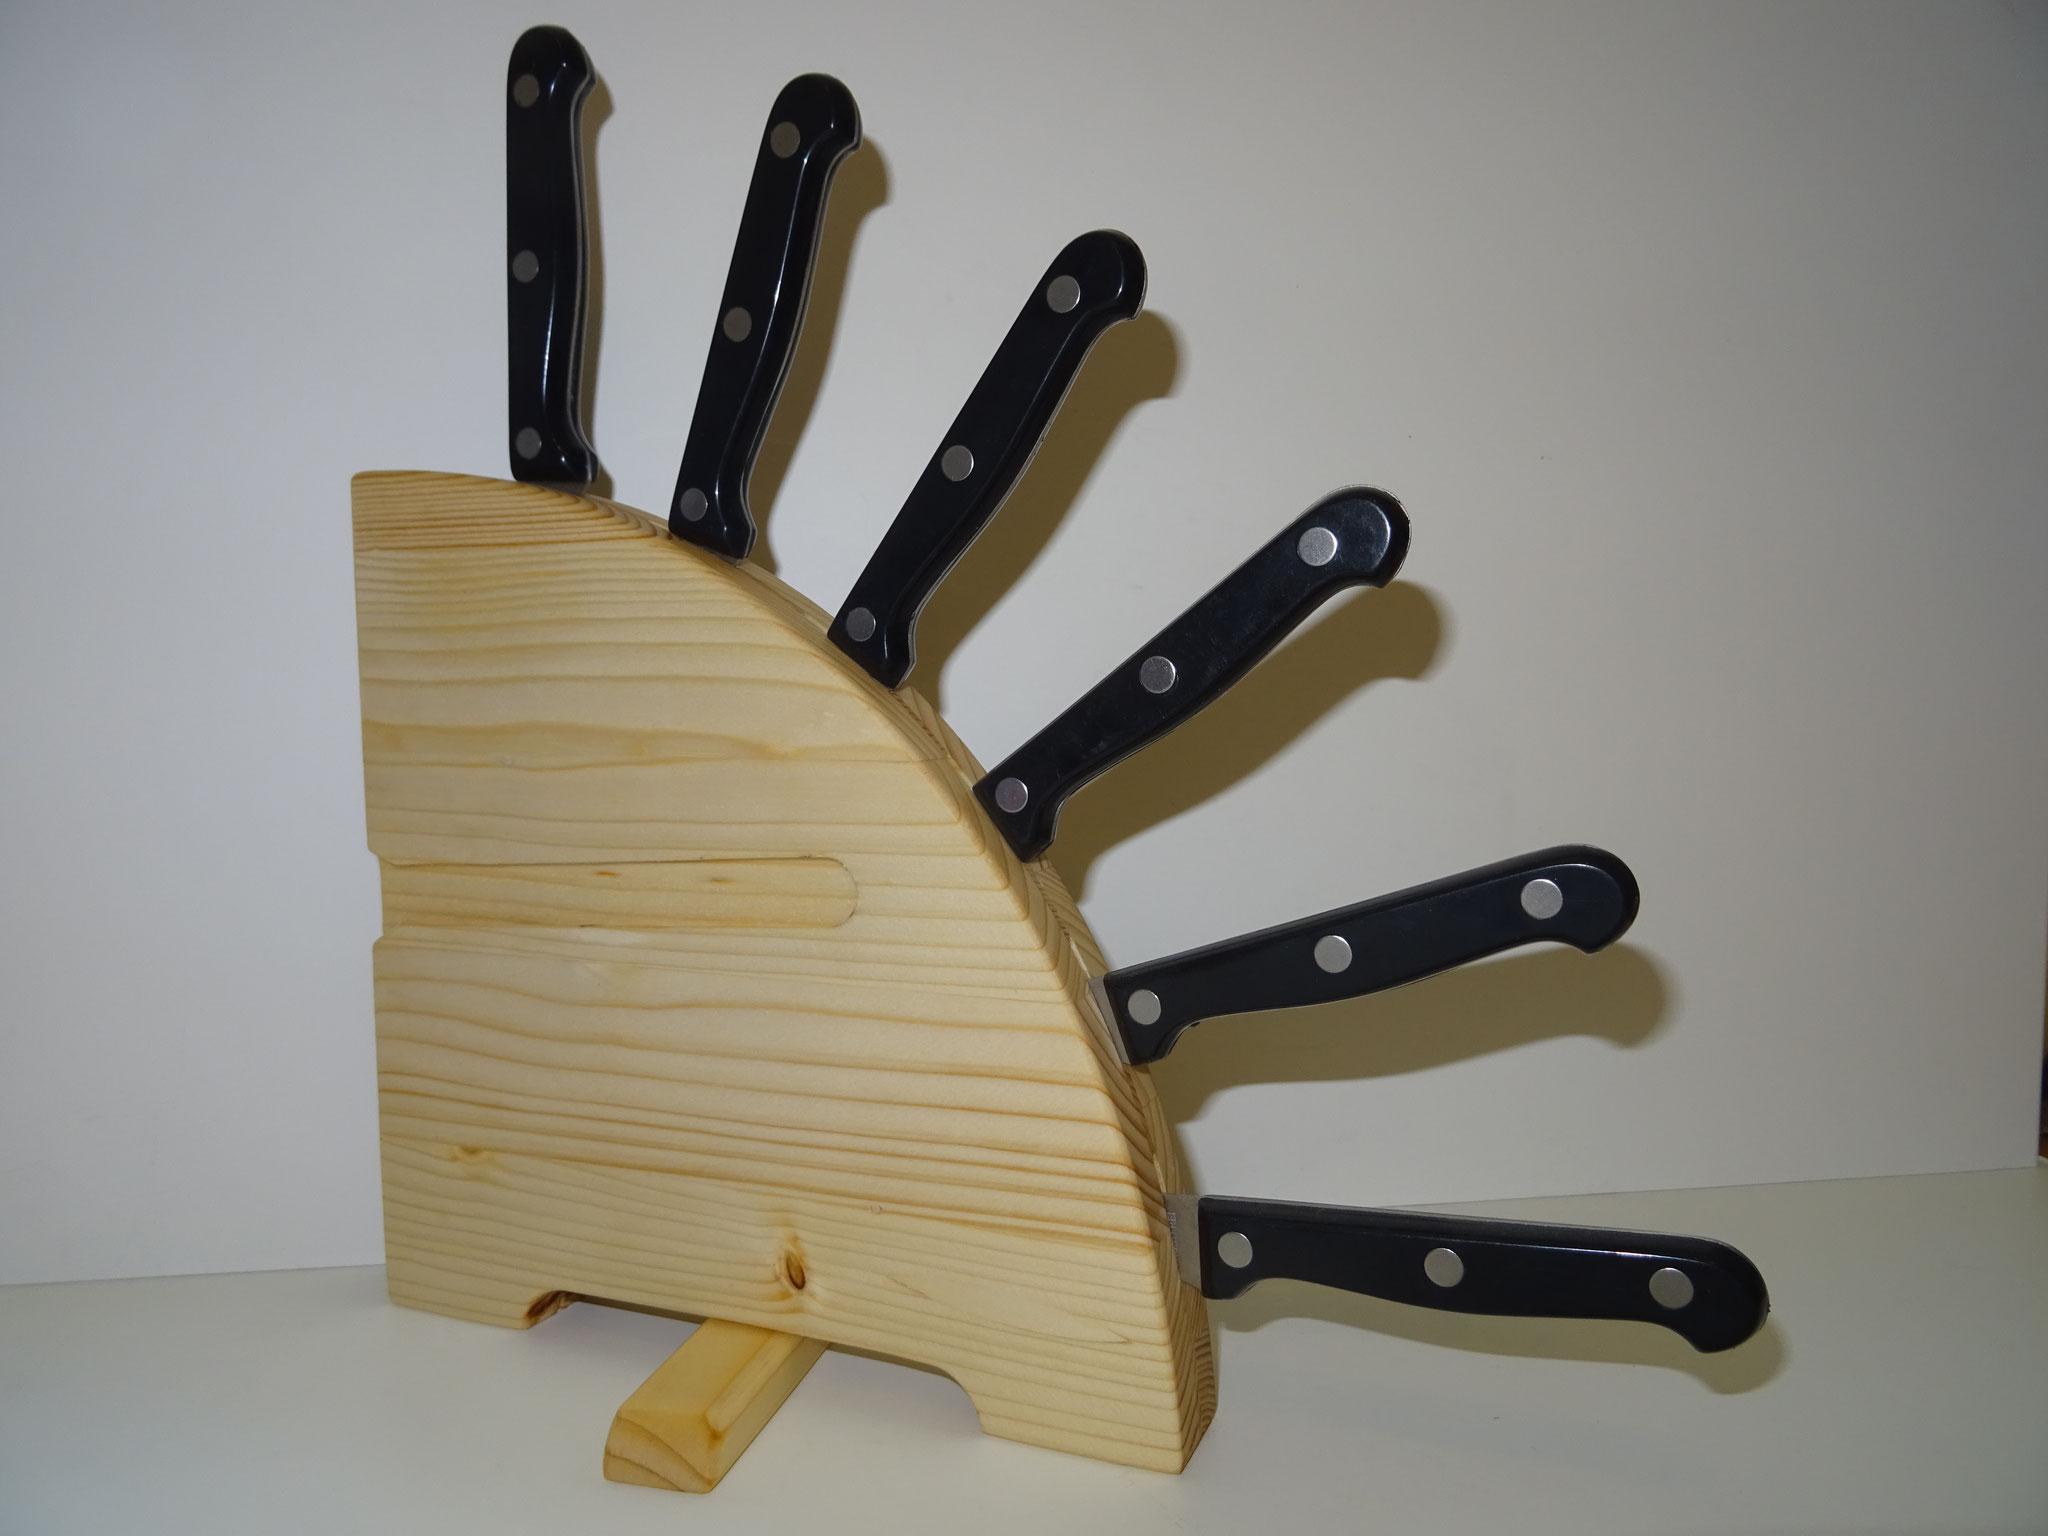 Fichte klein mit Messer (Farb-Beispiel)